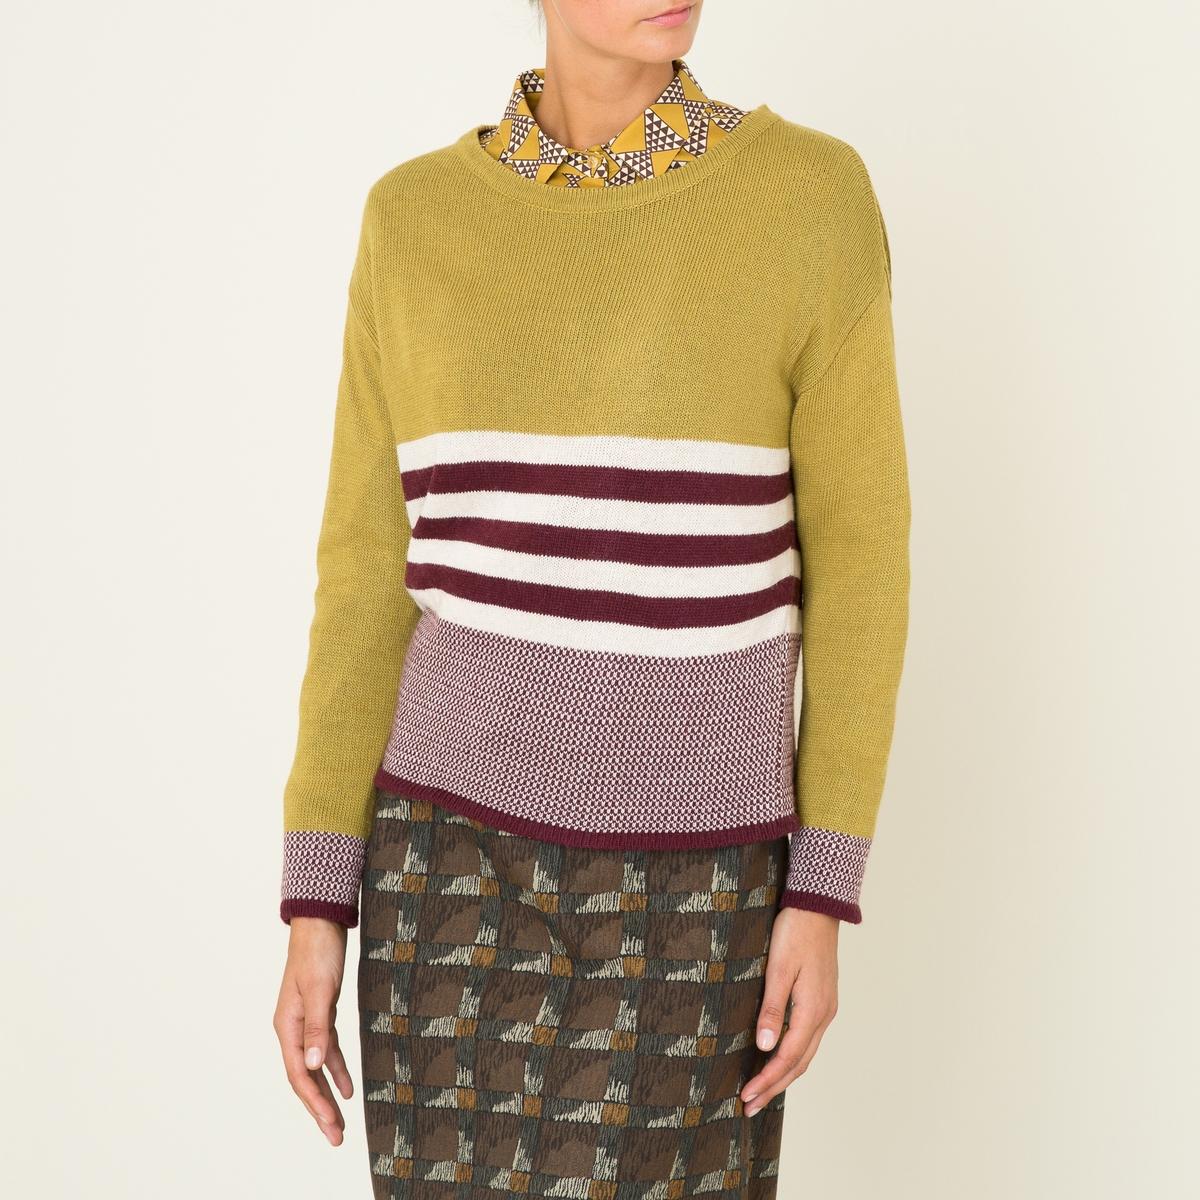 Пуловер короткийСостав и описание Материал : 50% вискозы, 45% полиэстера, 5% шерстиМарка : NIU<br><br>Цвет: горчичный